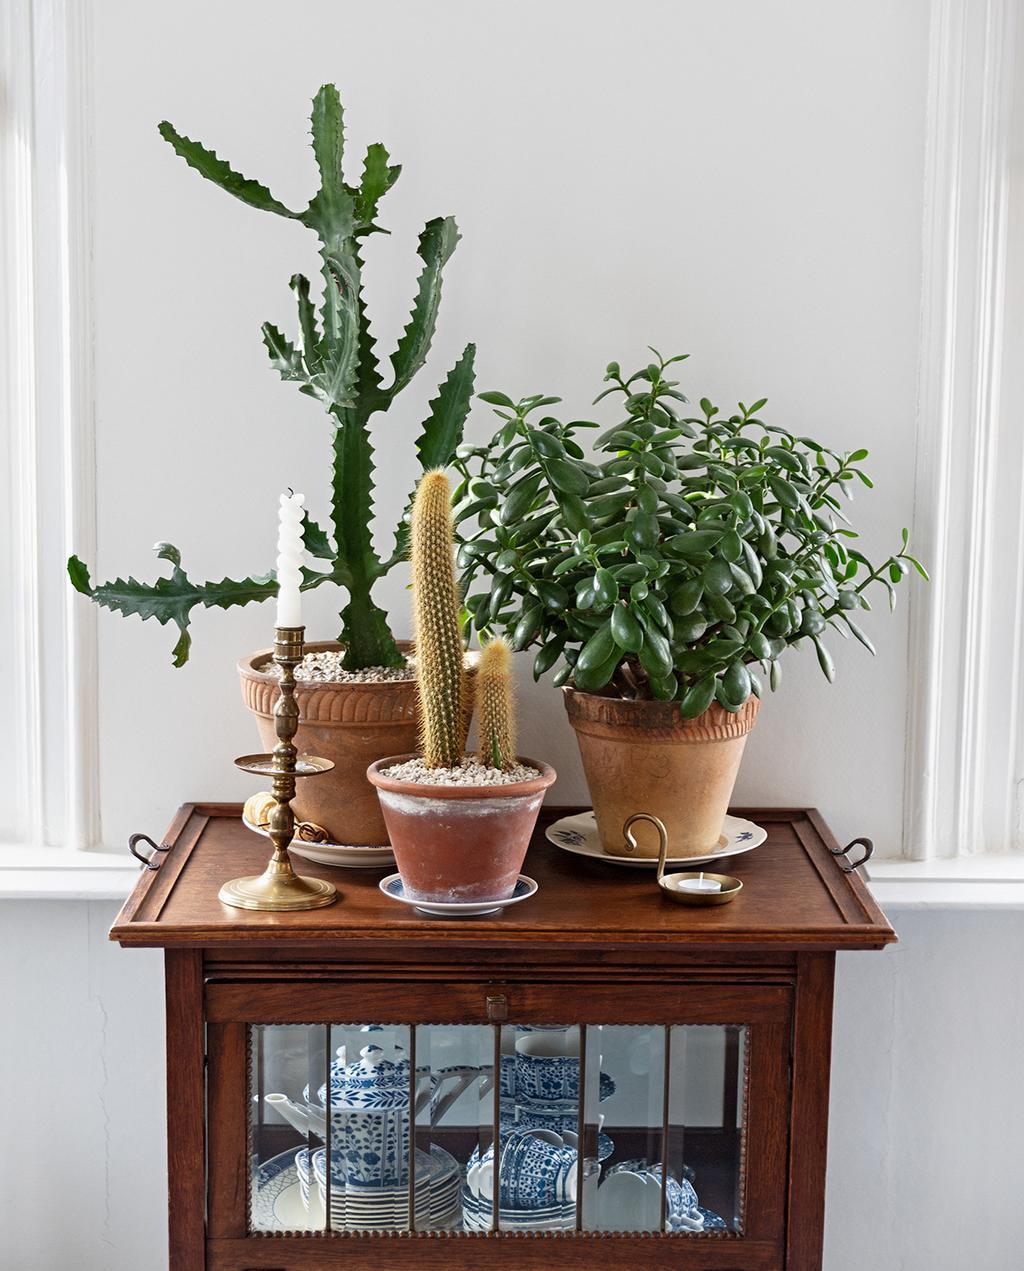 vtwonen 04-2021 | kast met planten en vintage items